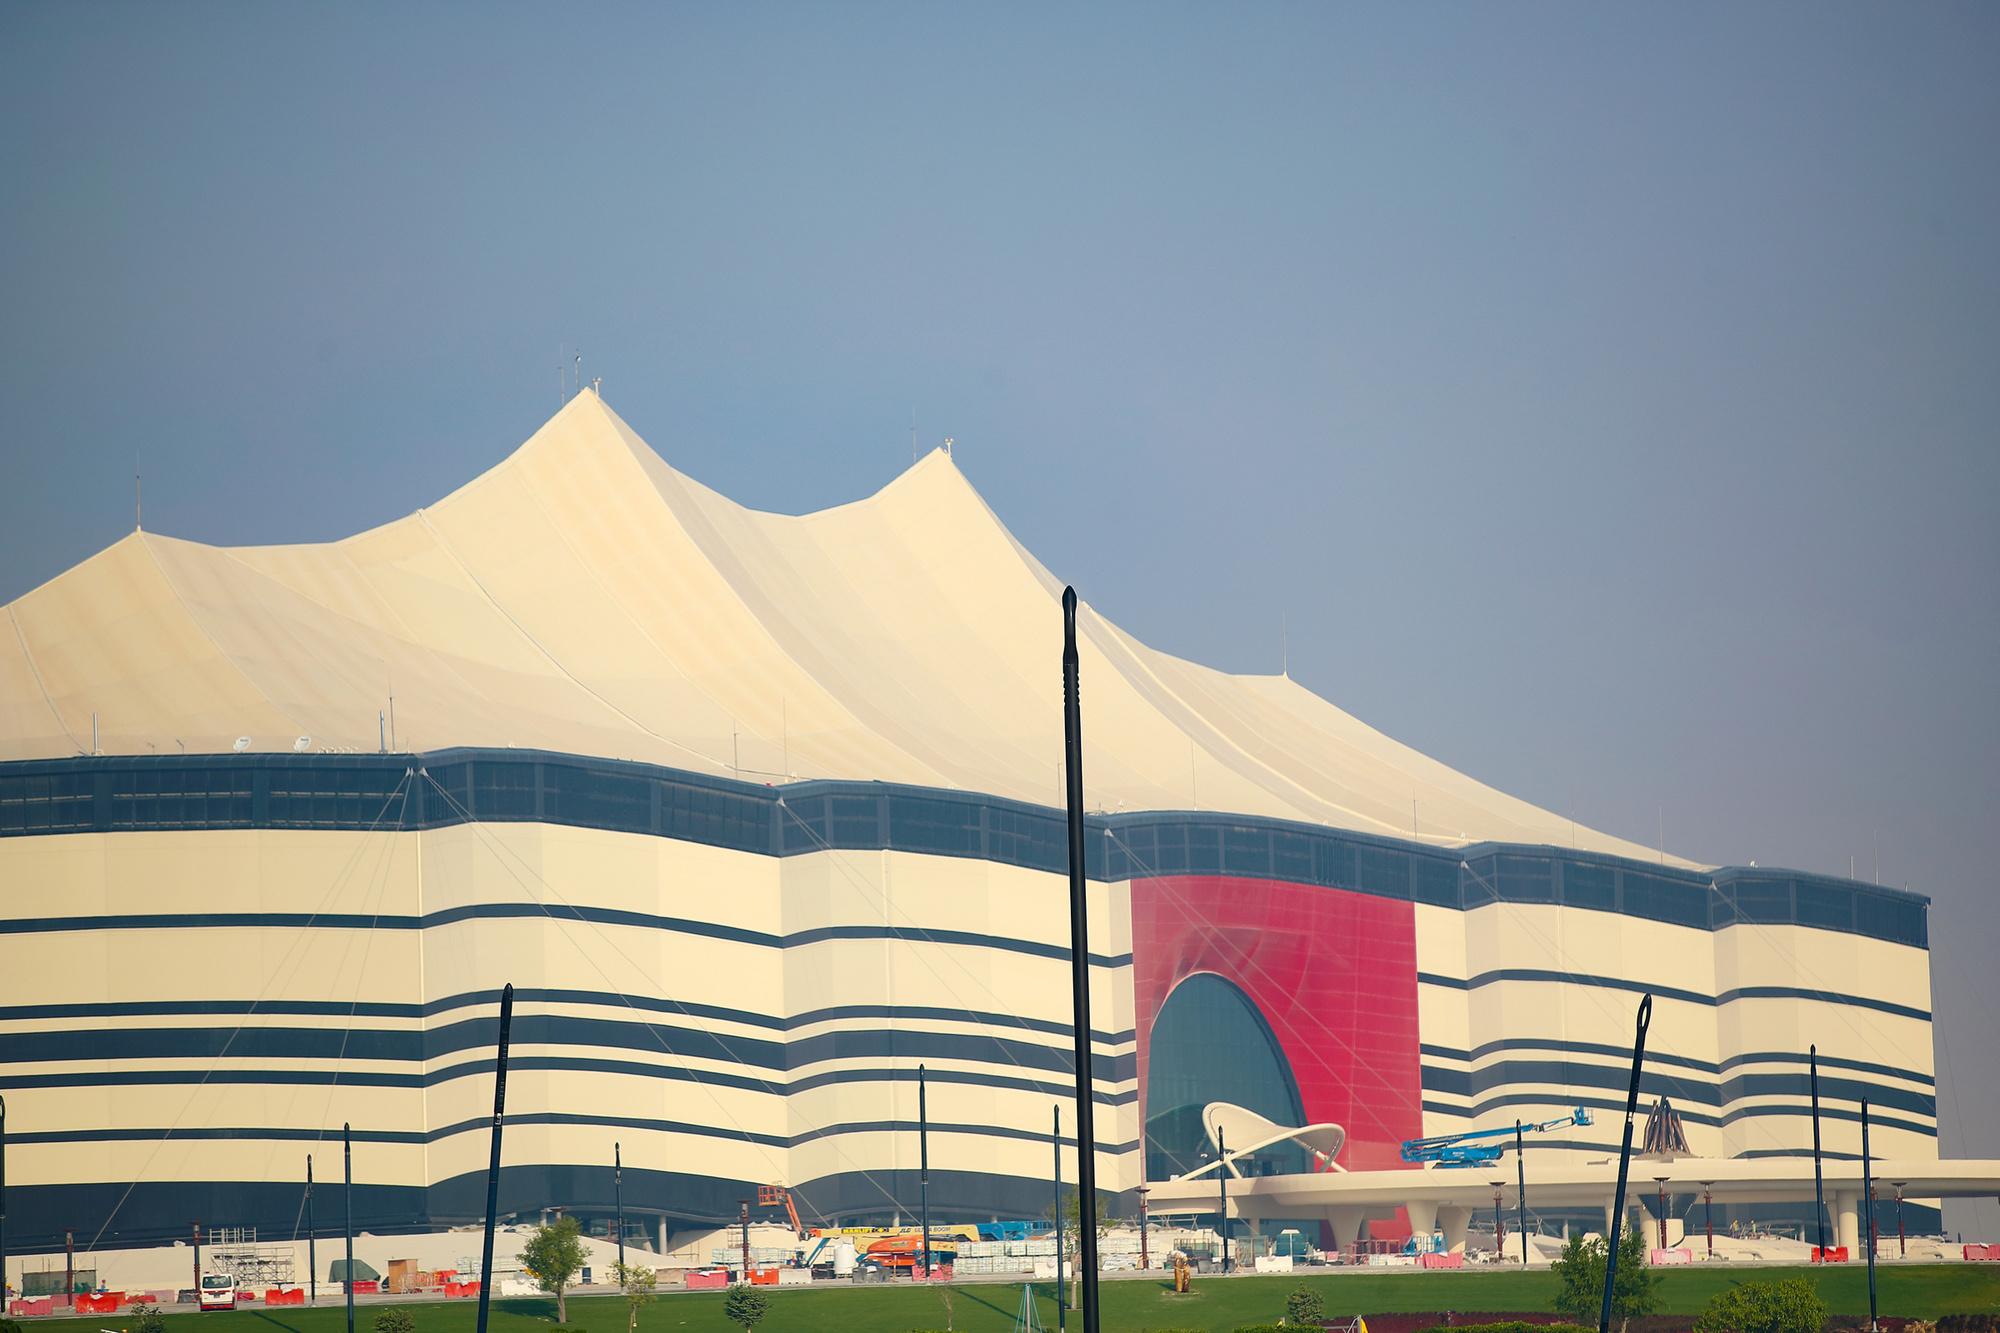 Ook de stadions, of die nu verkleind worden of zelfs geschonken aan andere landen, zullen roze olifanten blijken., GETTY